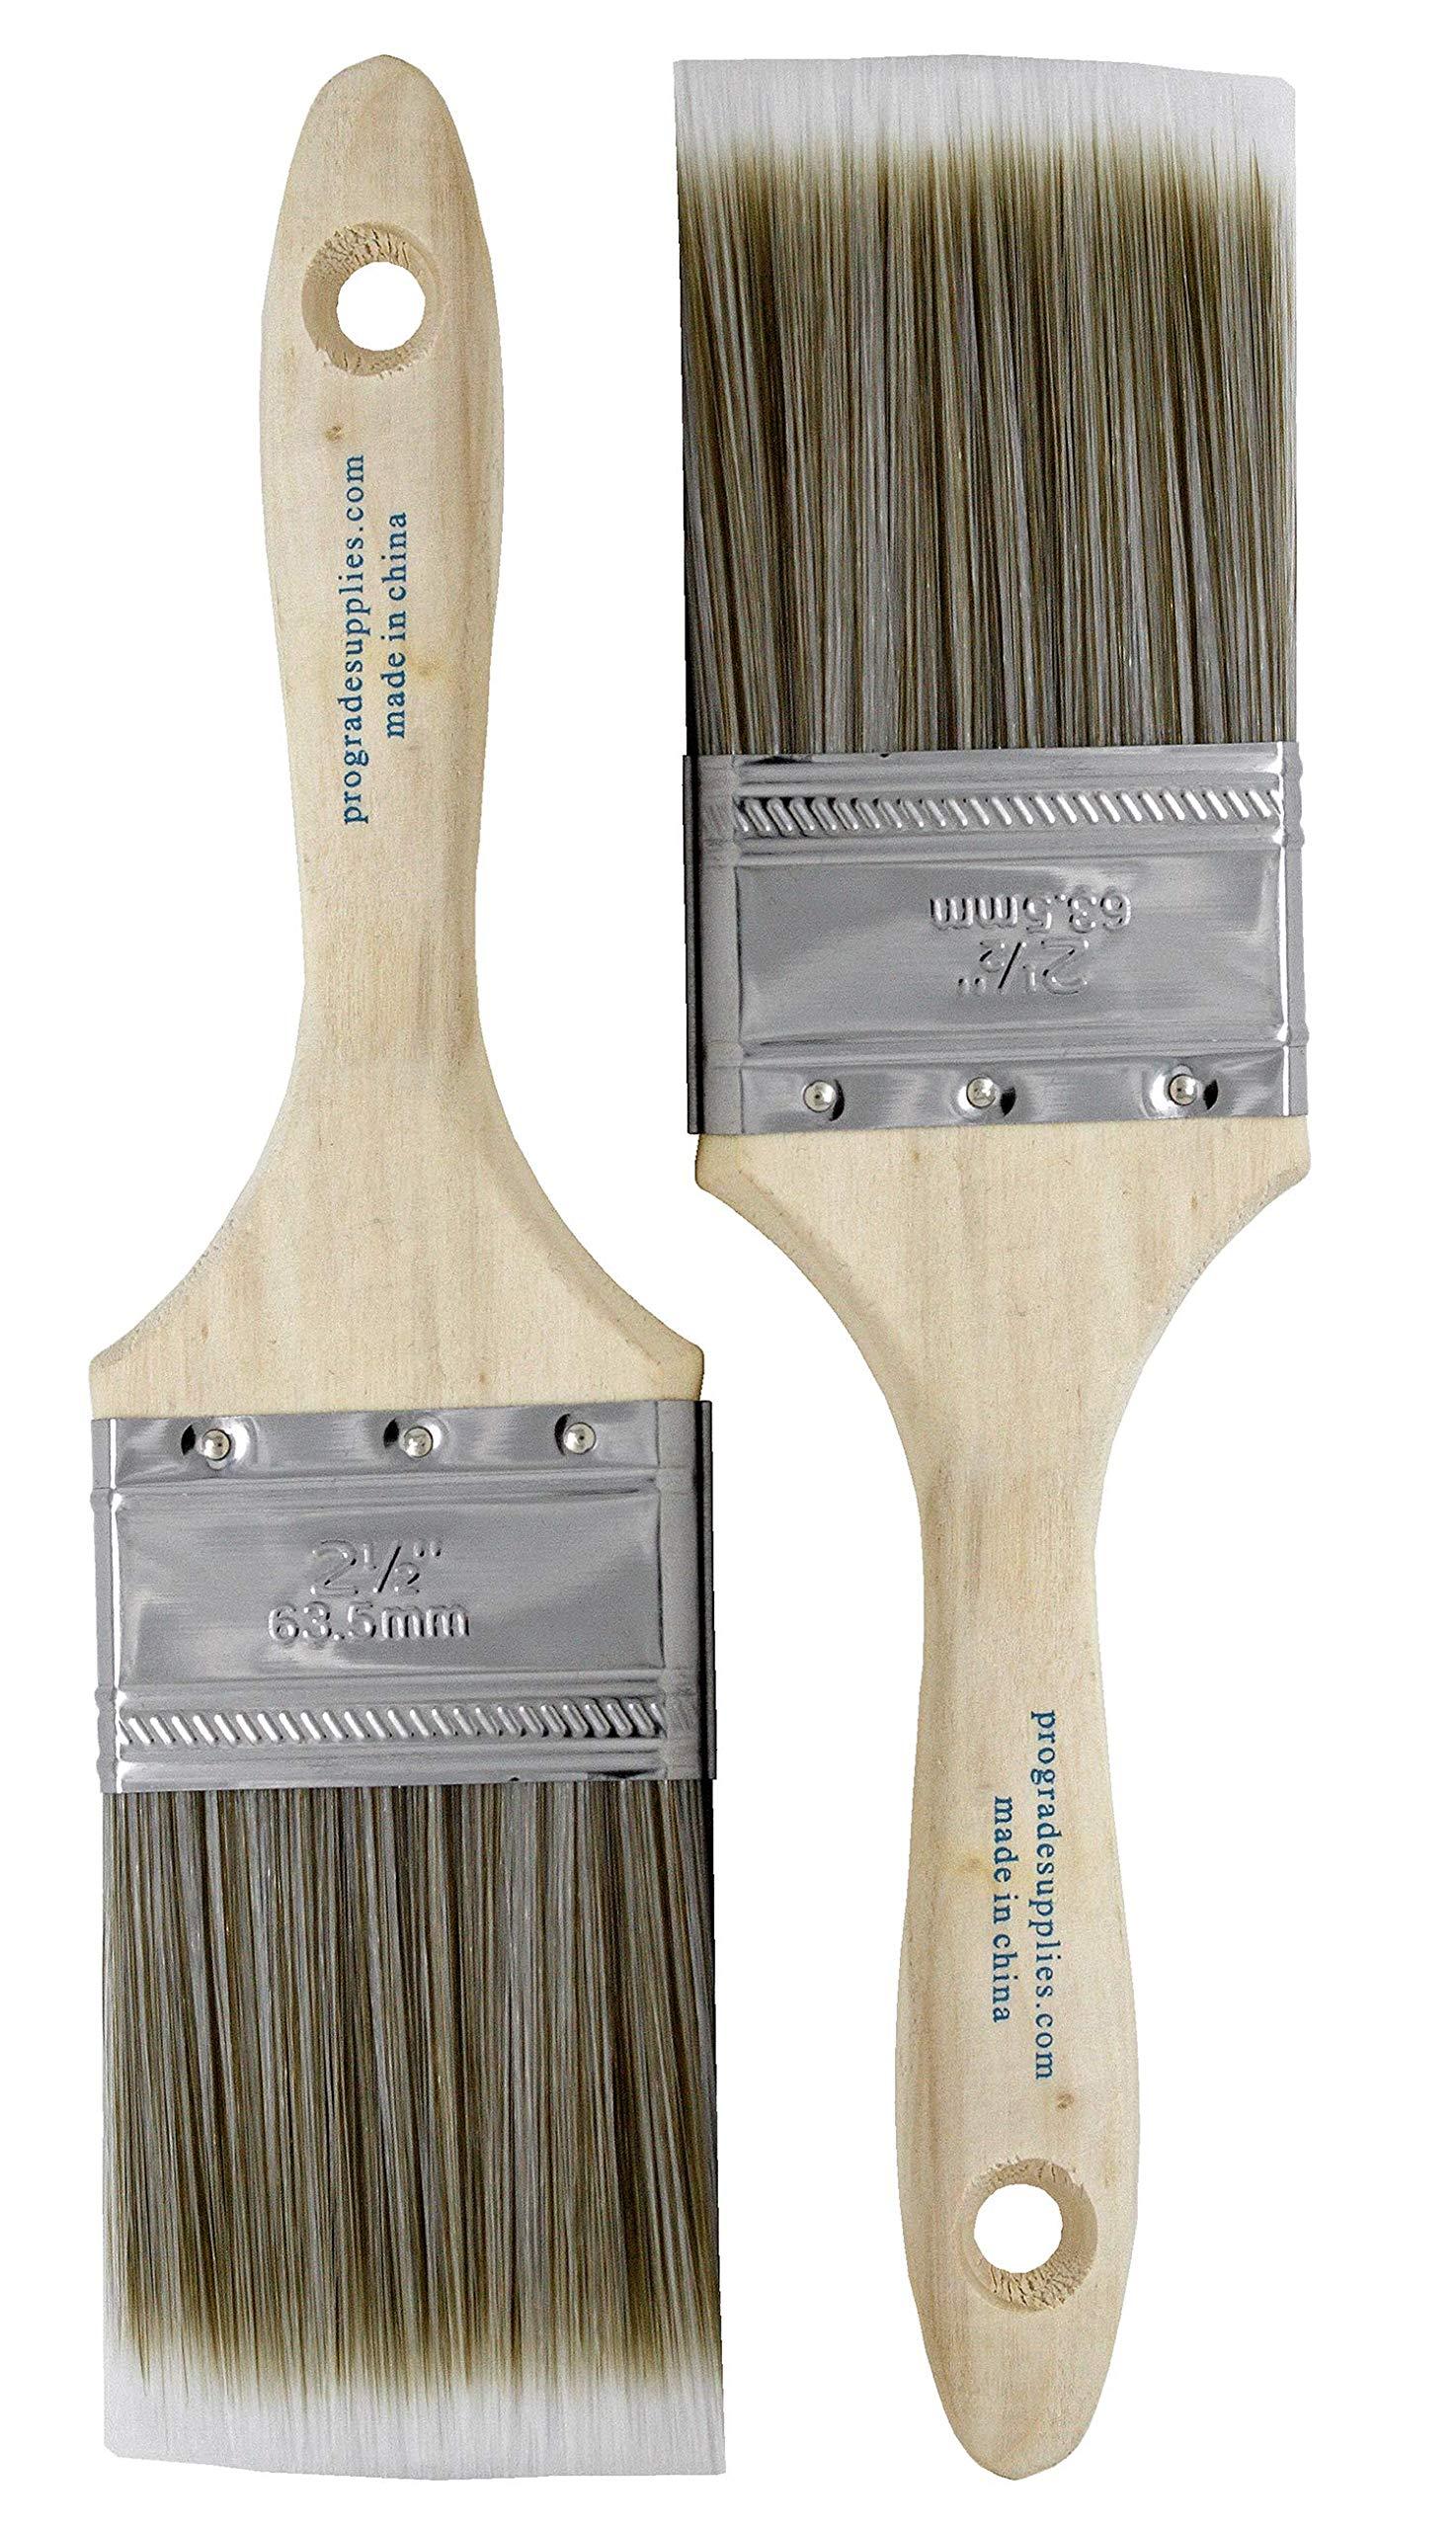 Pro Grade - Paint Brushes - 2Ea 2.5 Flat Brushes